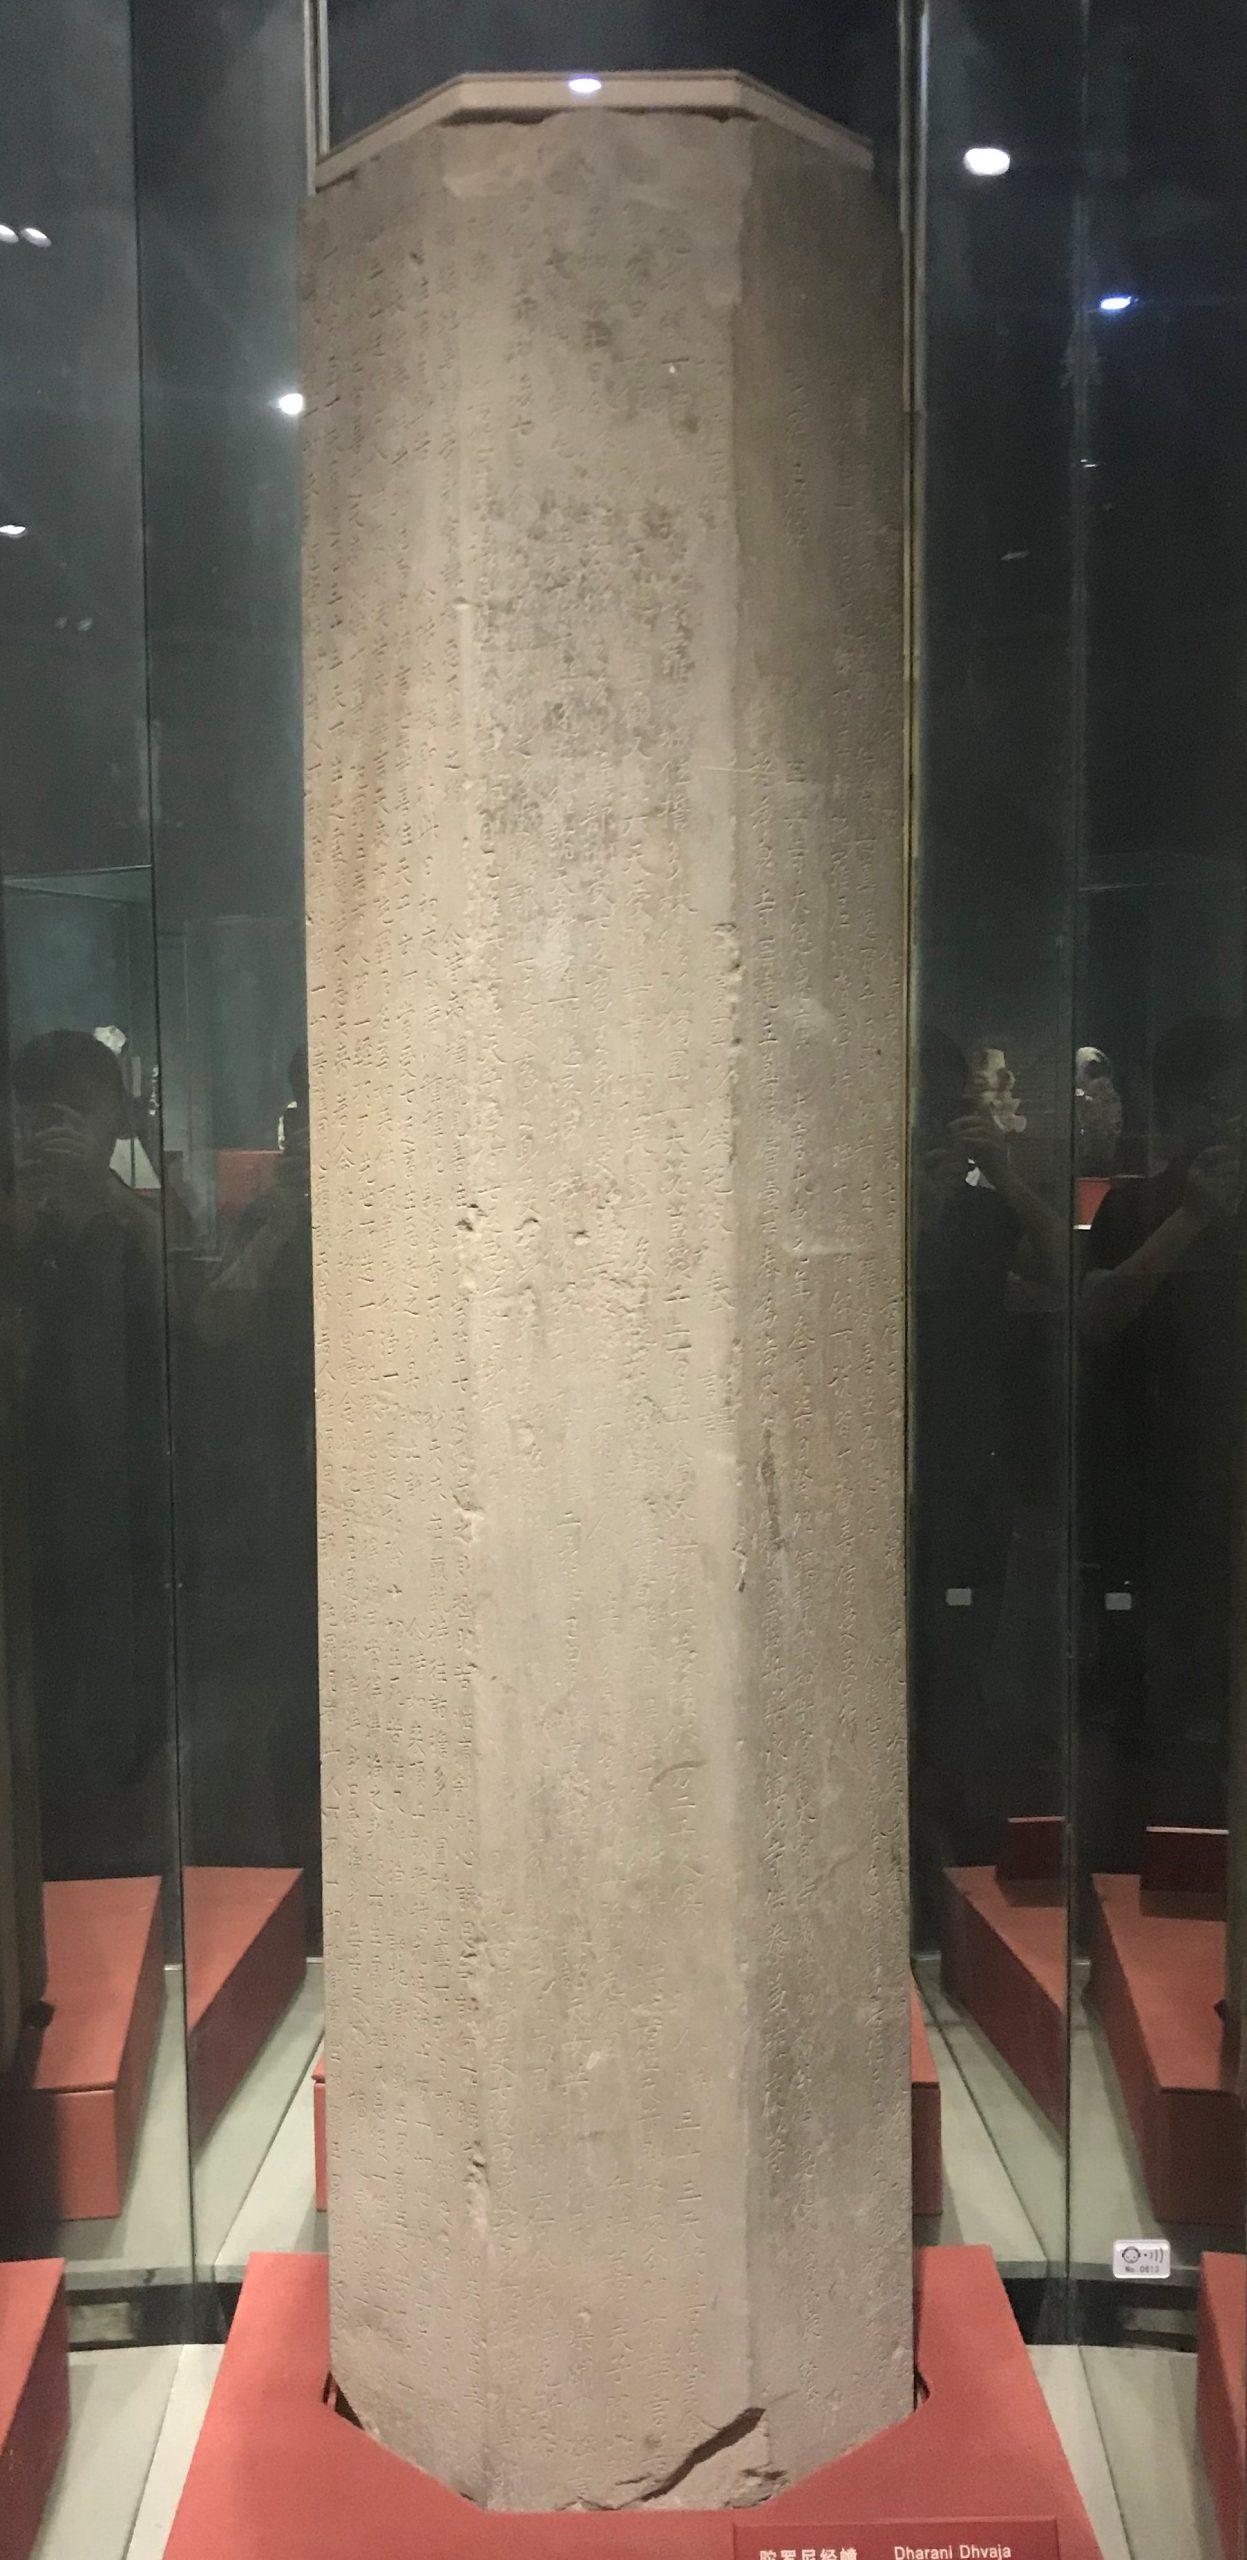 陀羅尼経幢-唐代大中元年-四川万仏寺石刻館-四川博物院-成都